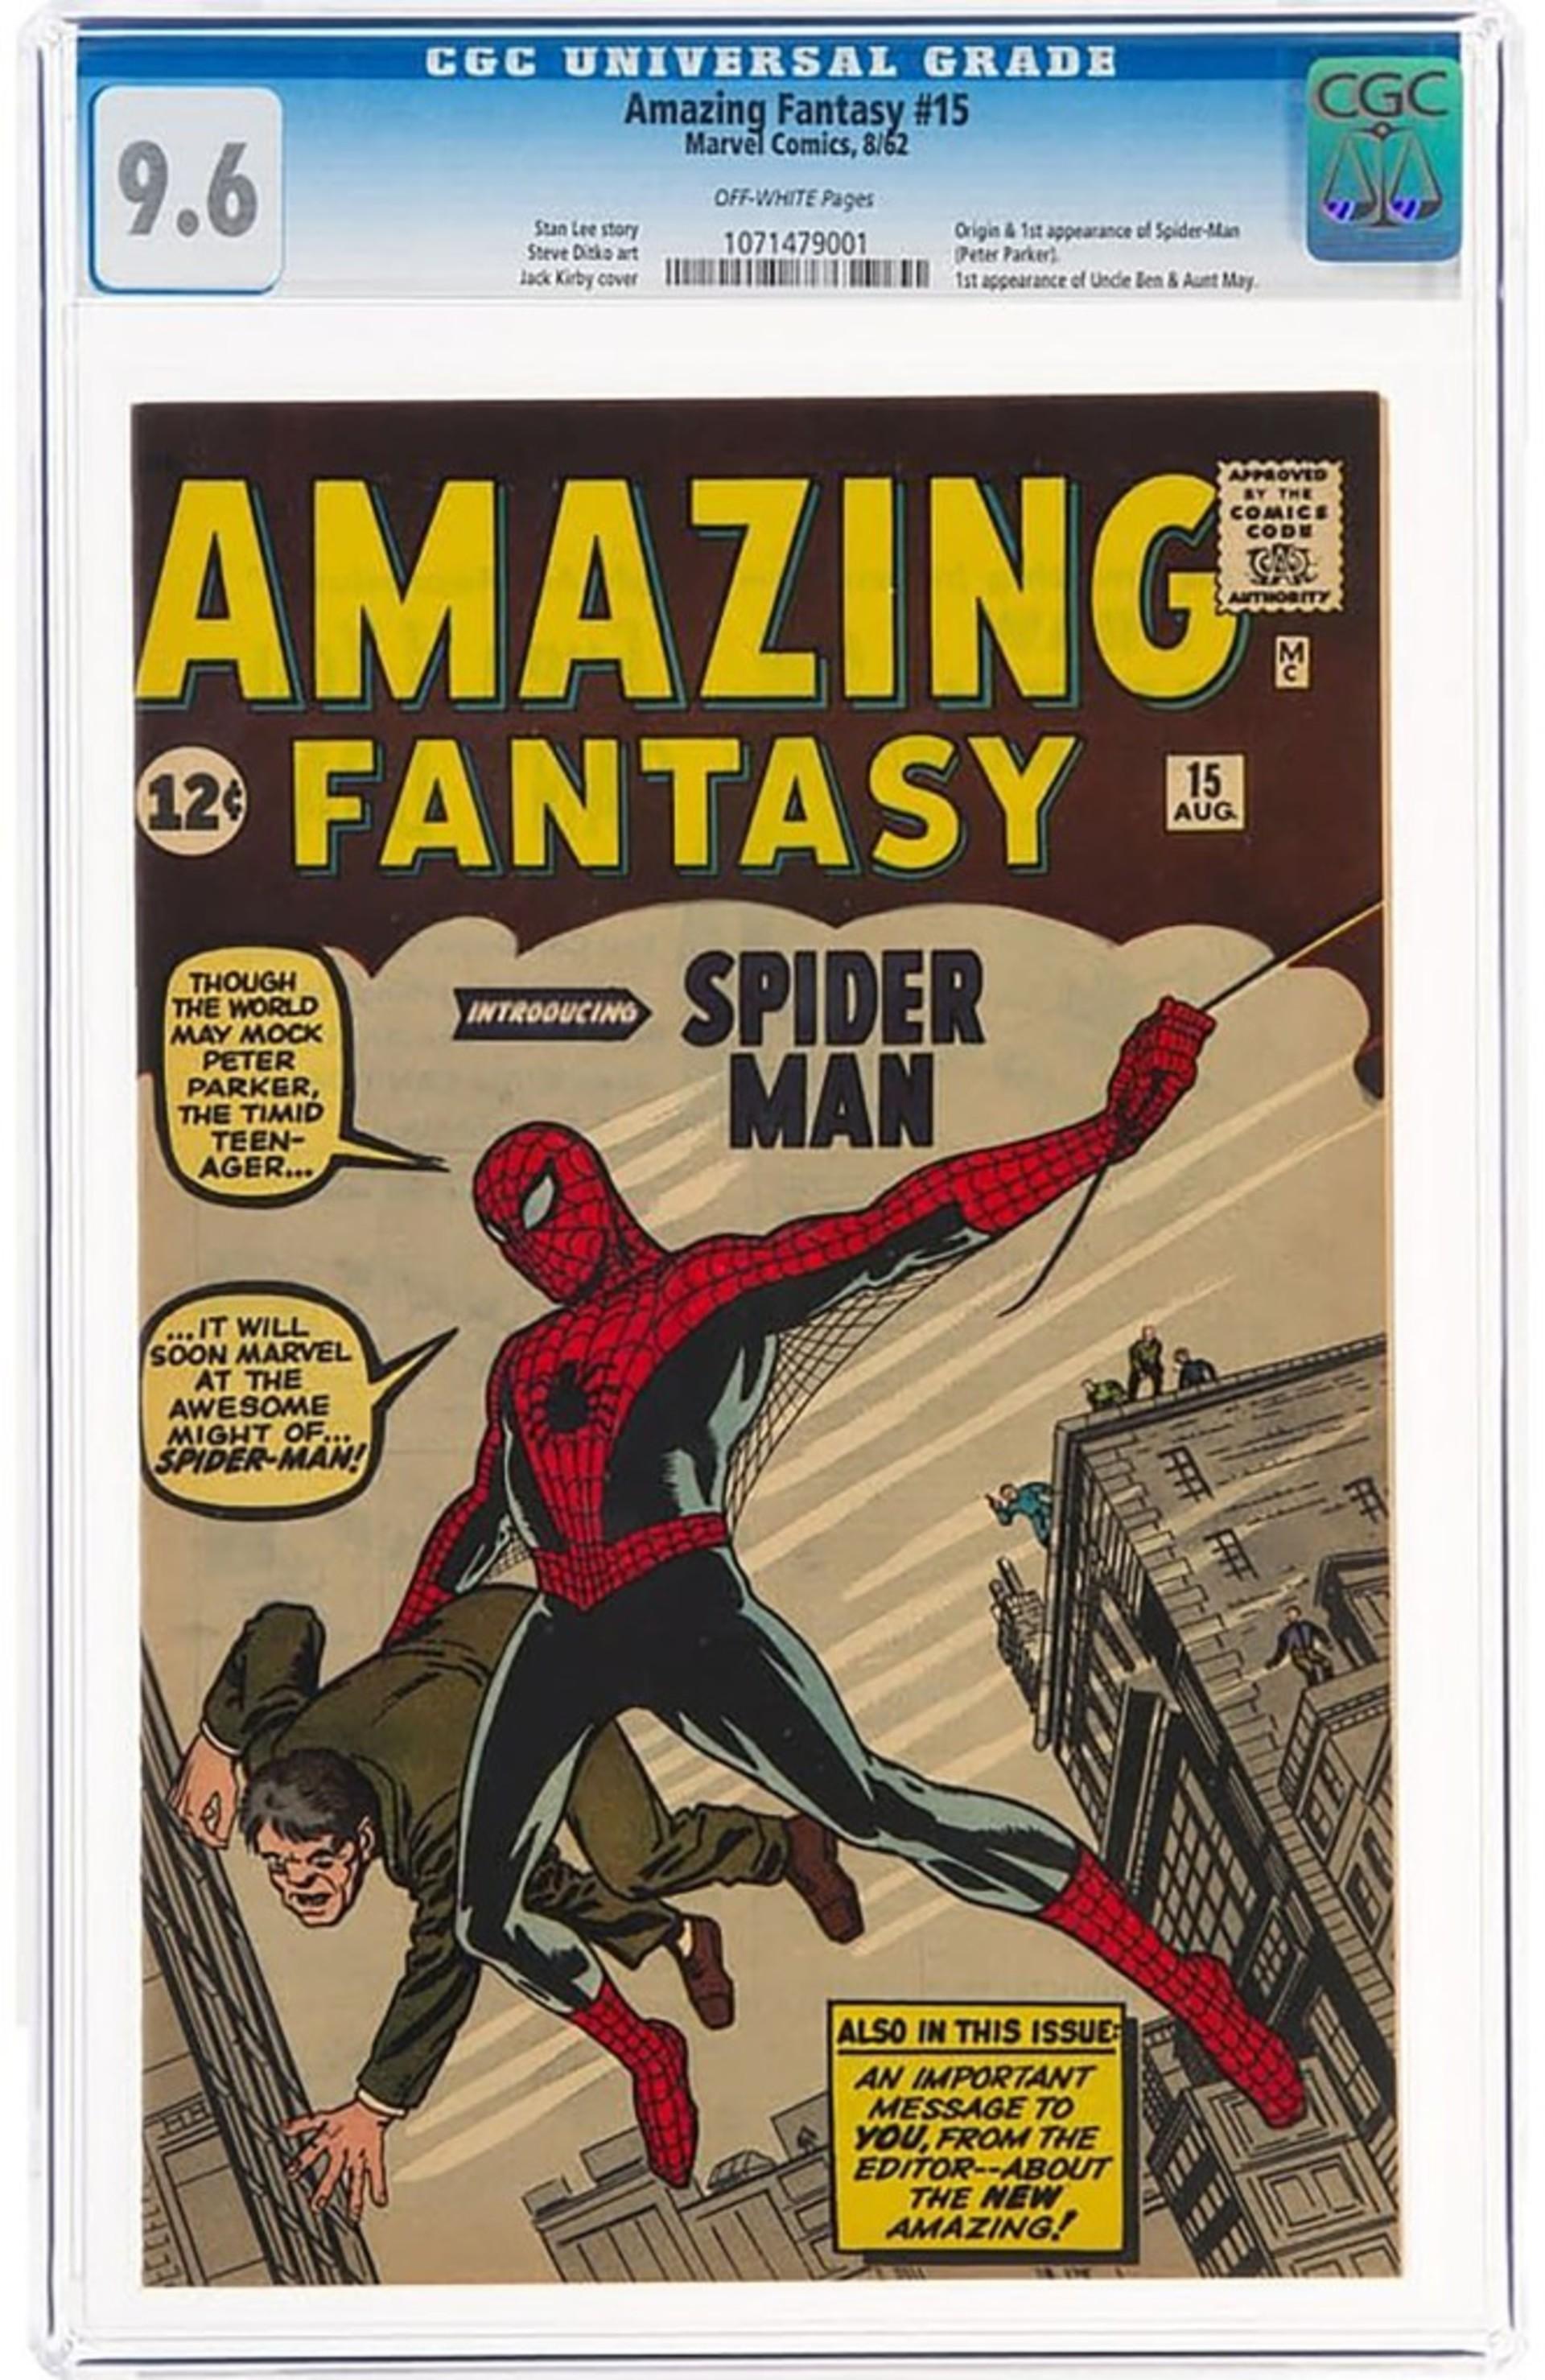 spiderman-auction-02.jpg